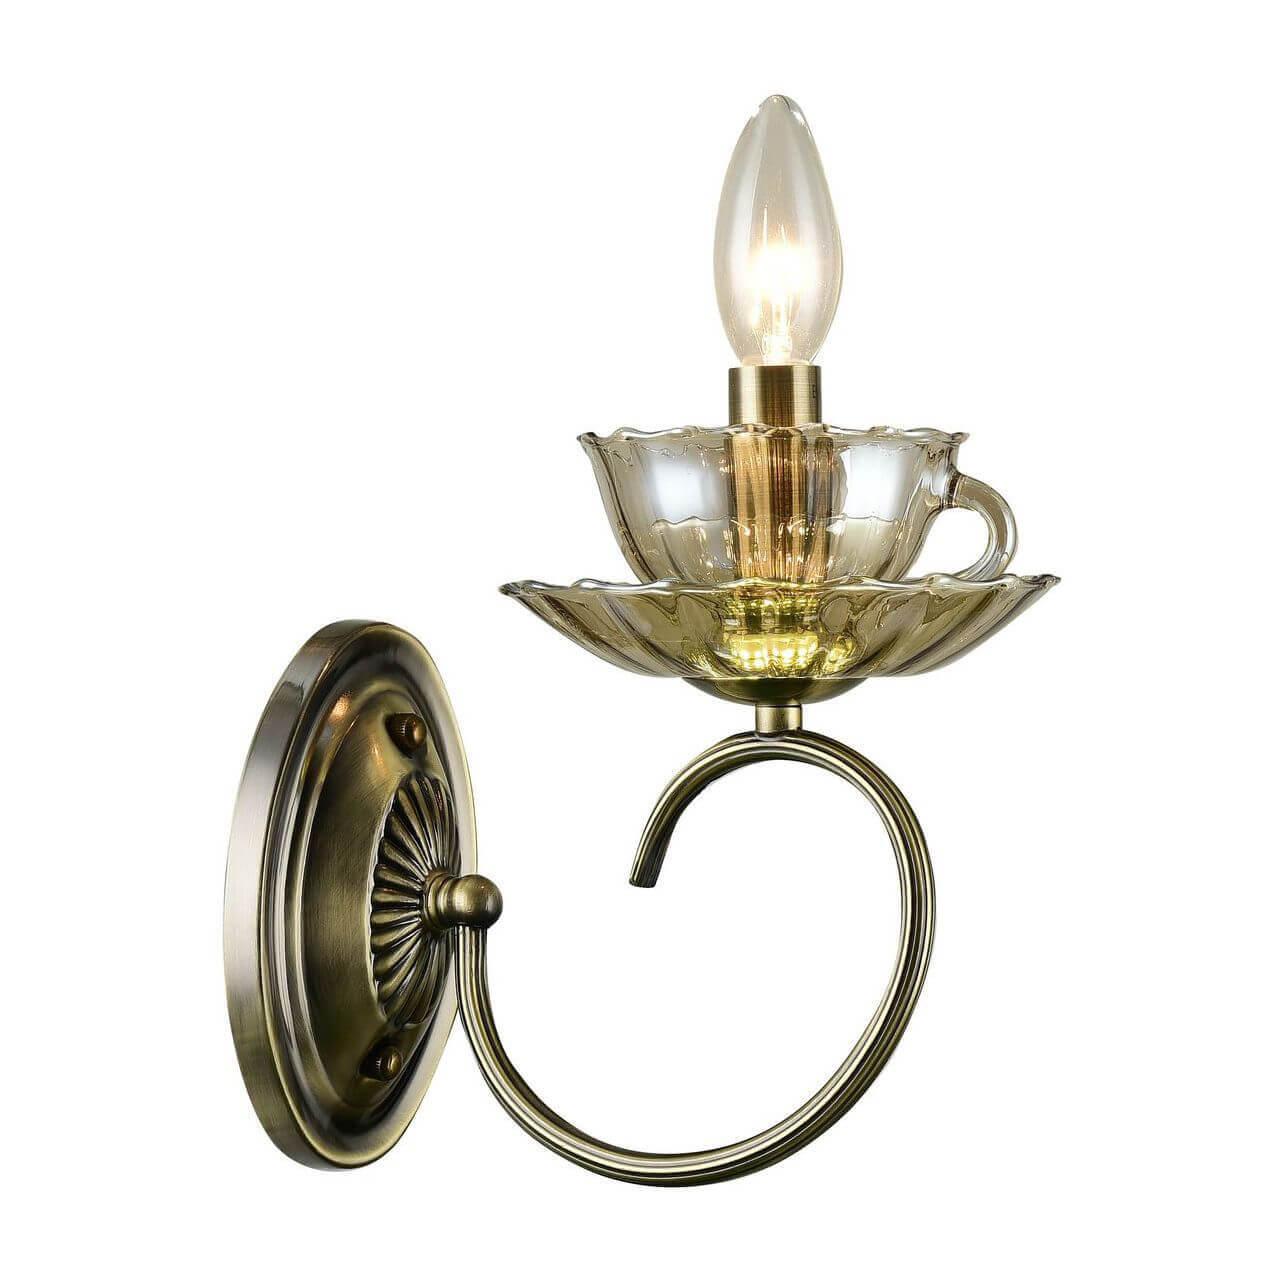 Бра Arte Lamp A1750AP-1AB 1750 бра arte lamp a2872ap 1ab california